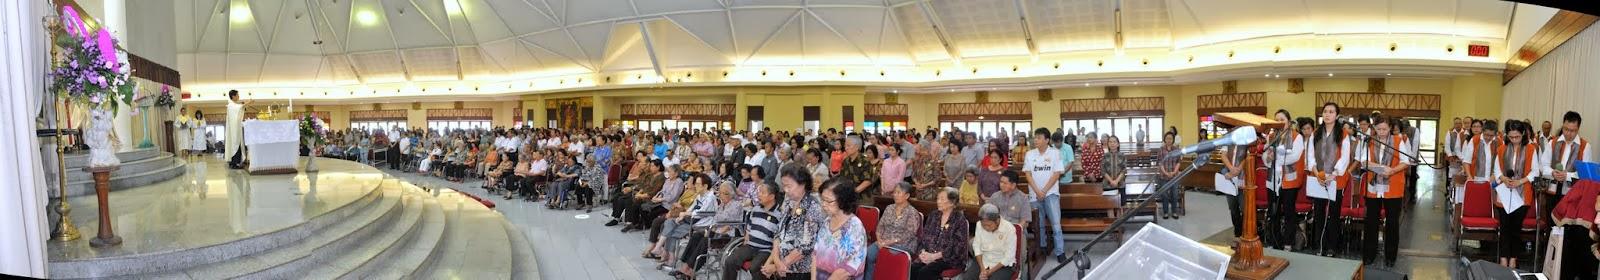 Misa Orang Sakit dan Lansia at MKK 15 Februari 2014